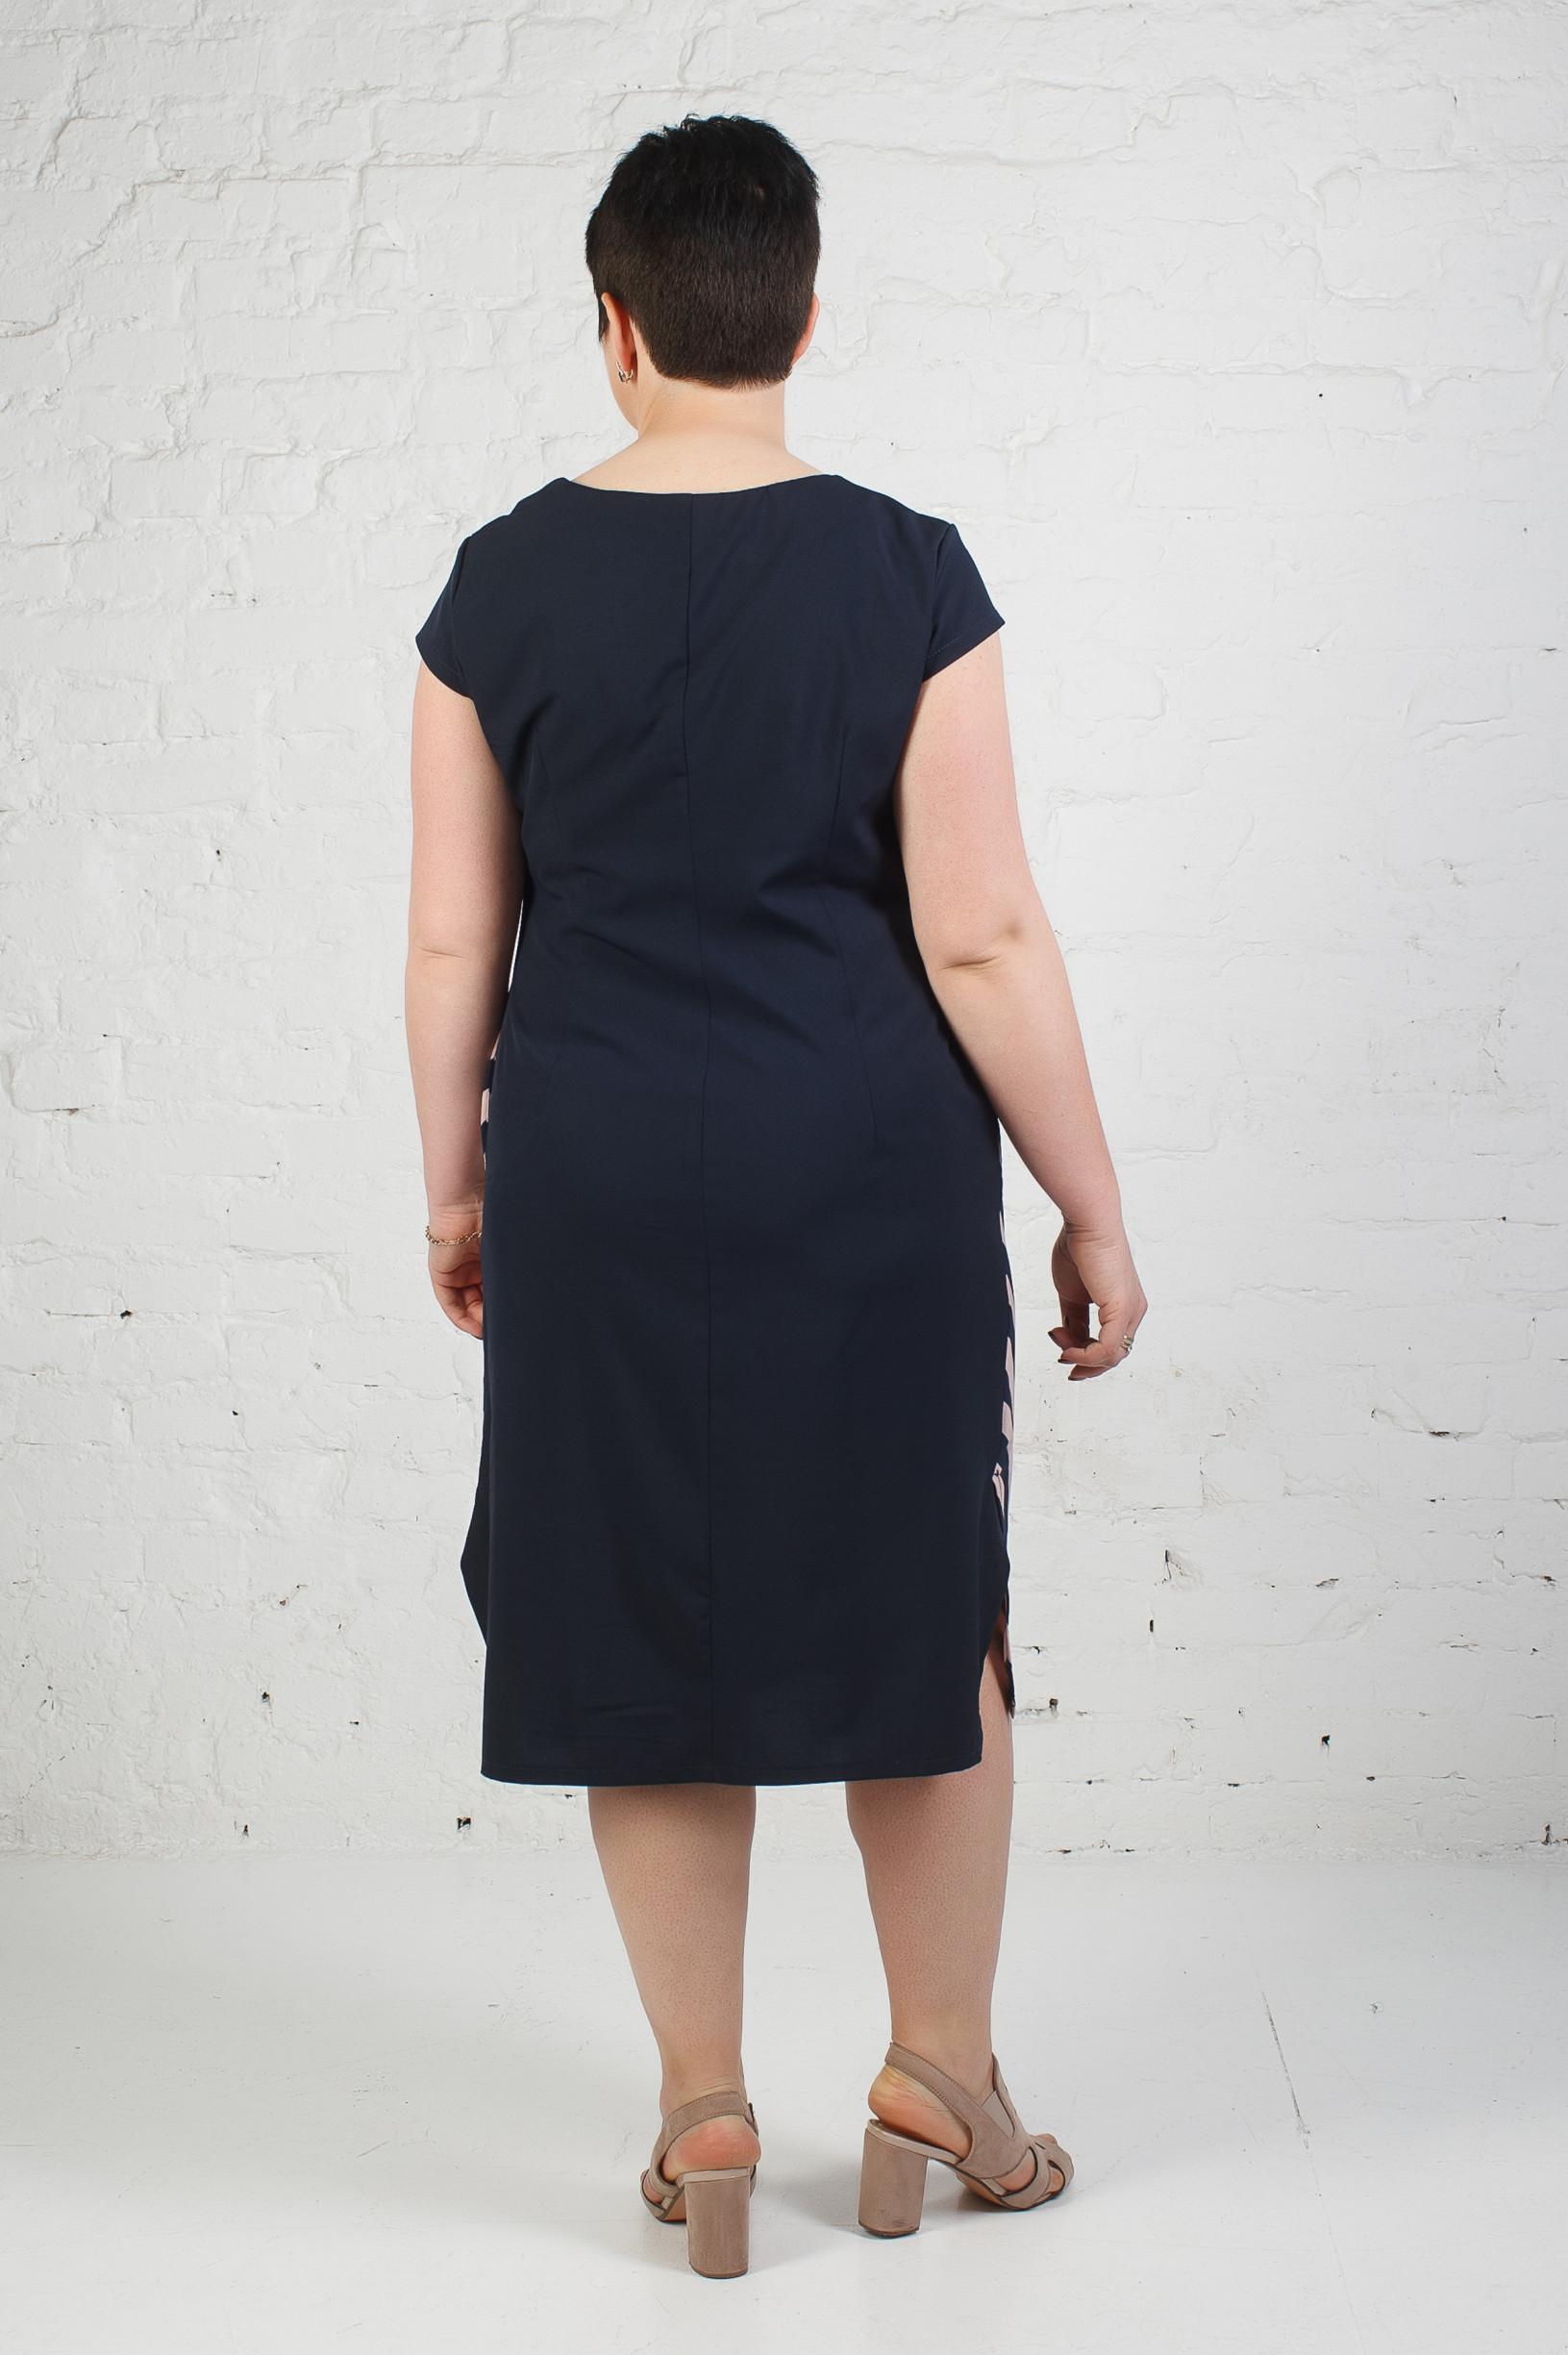 Стильное платье п-772 широкая полоска